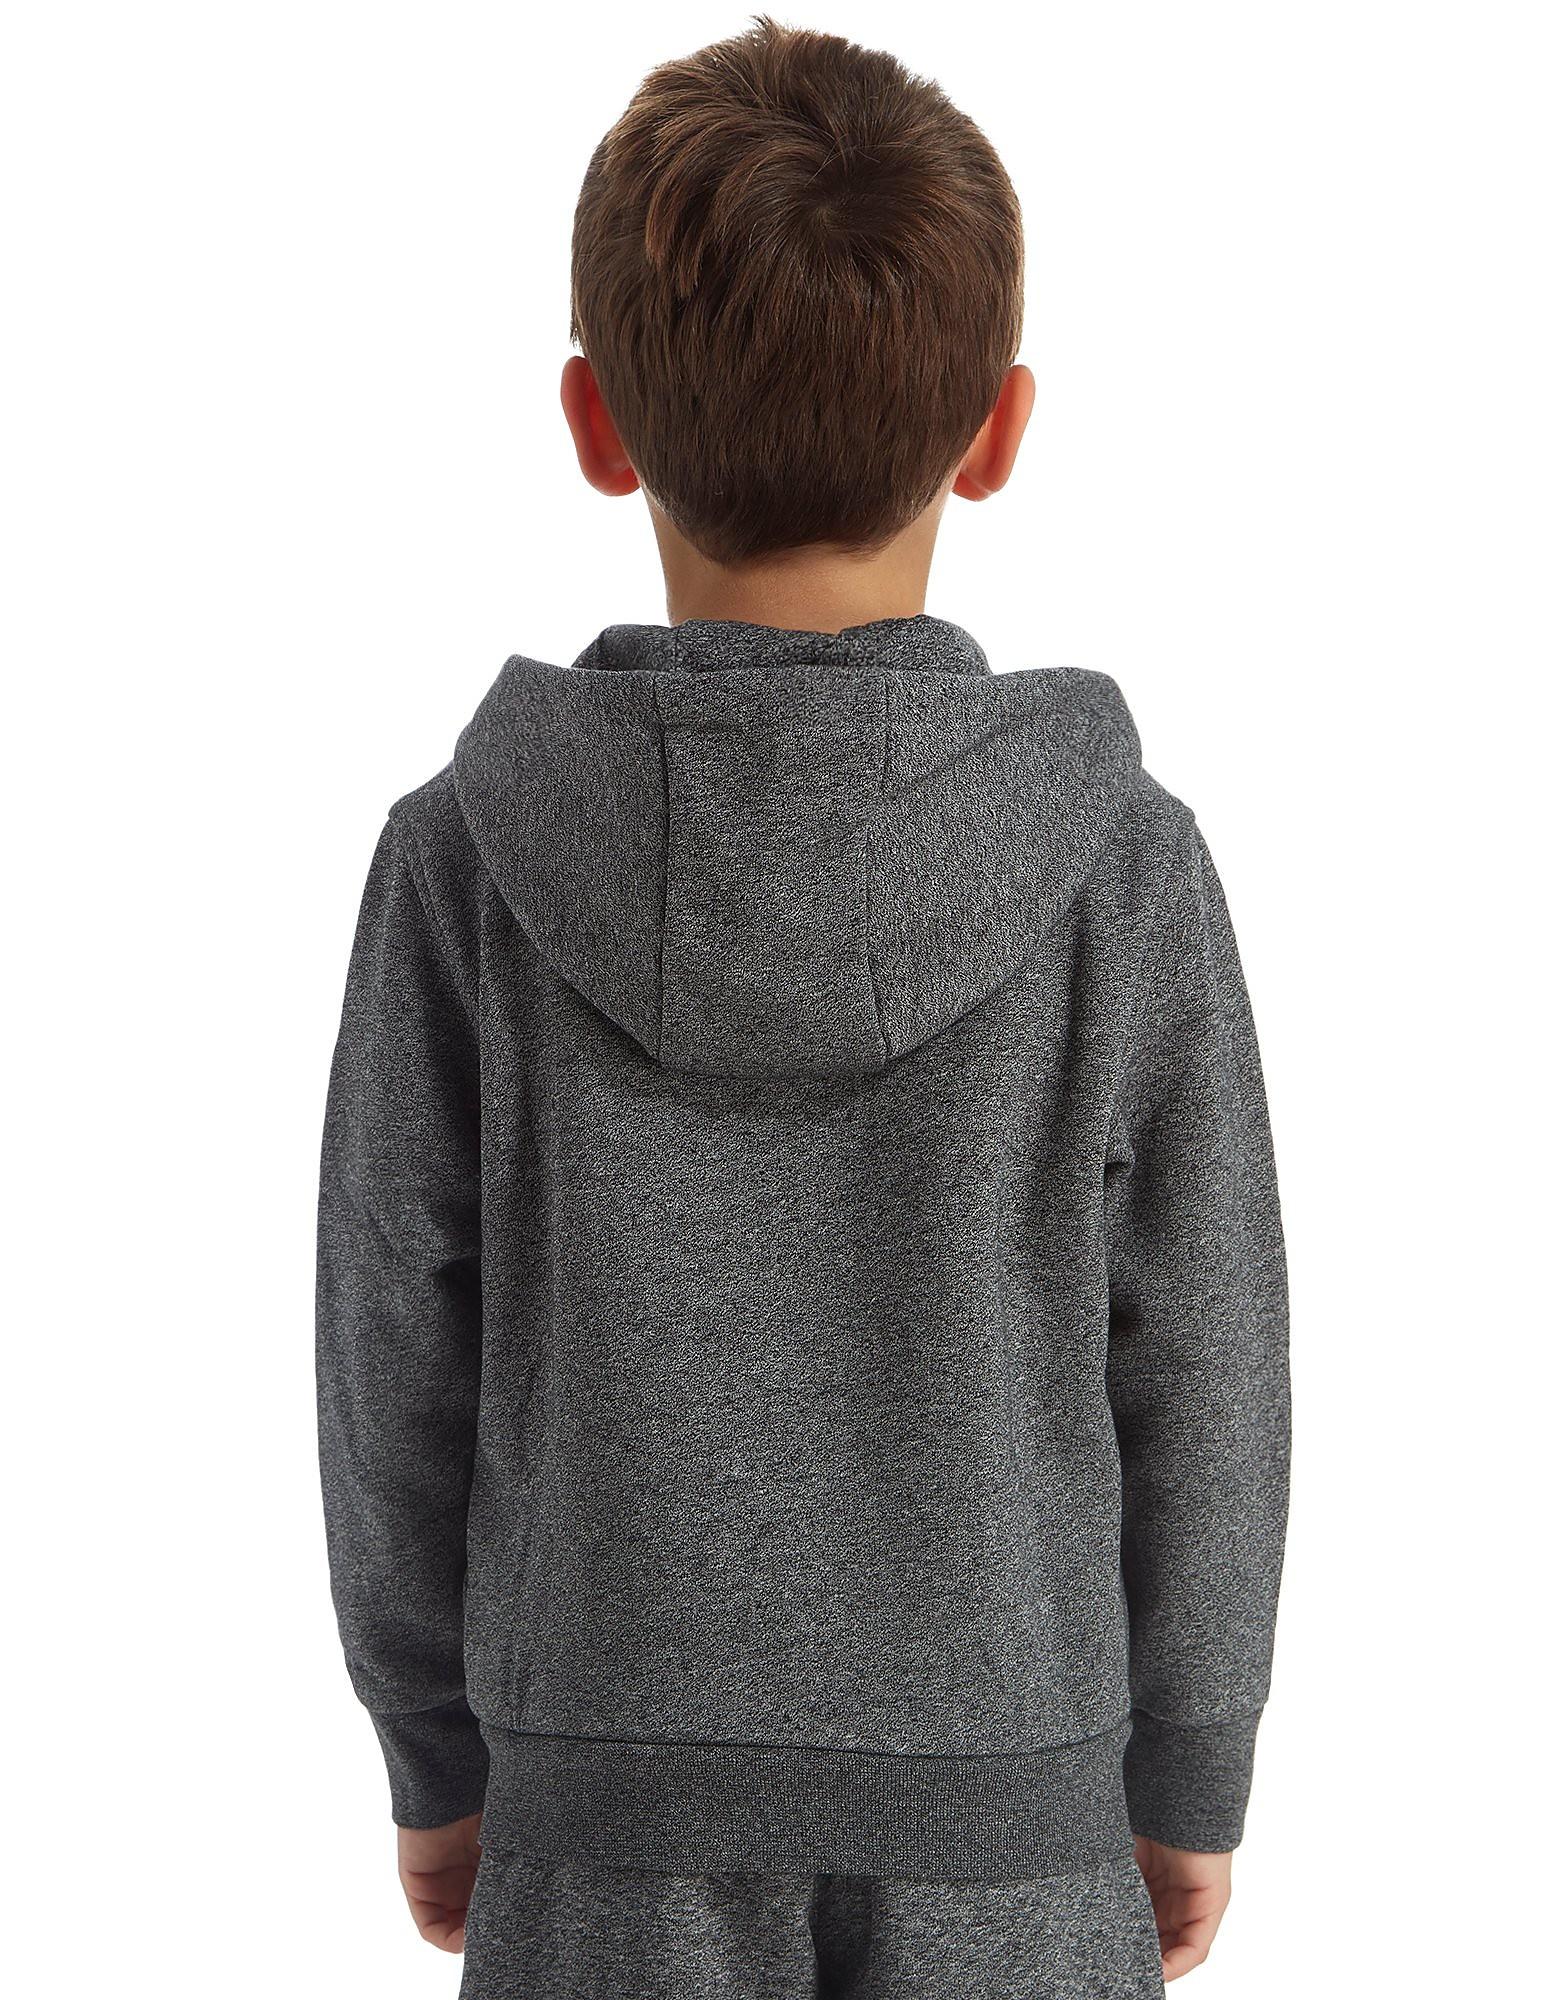 Lacoste Full Zip Hoodie Children